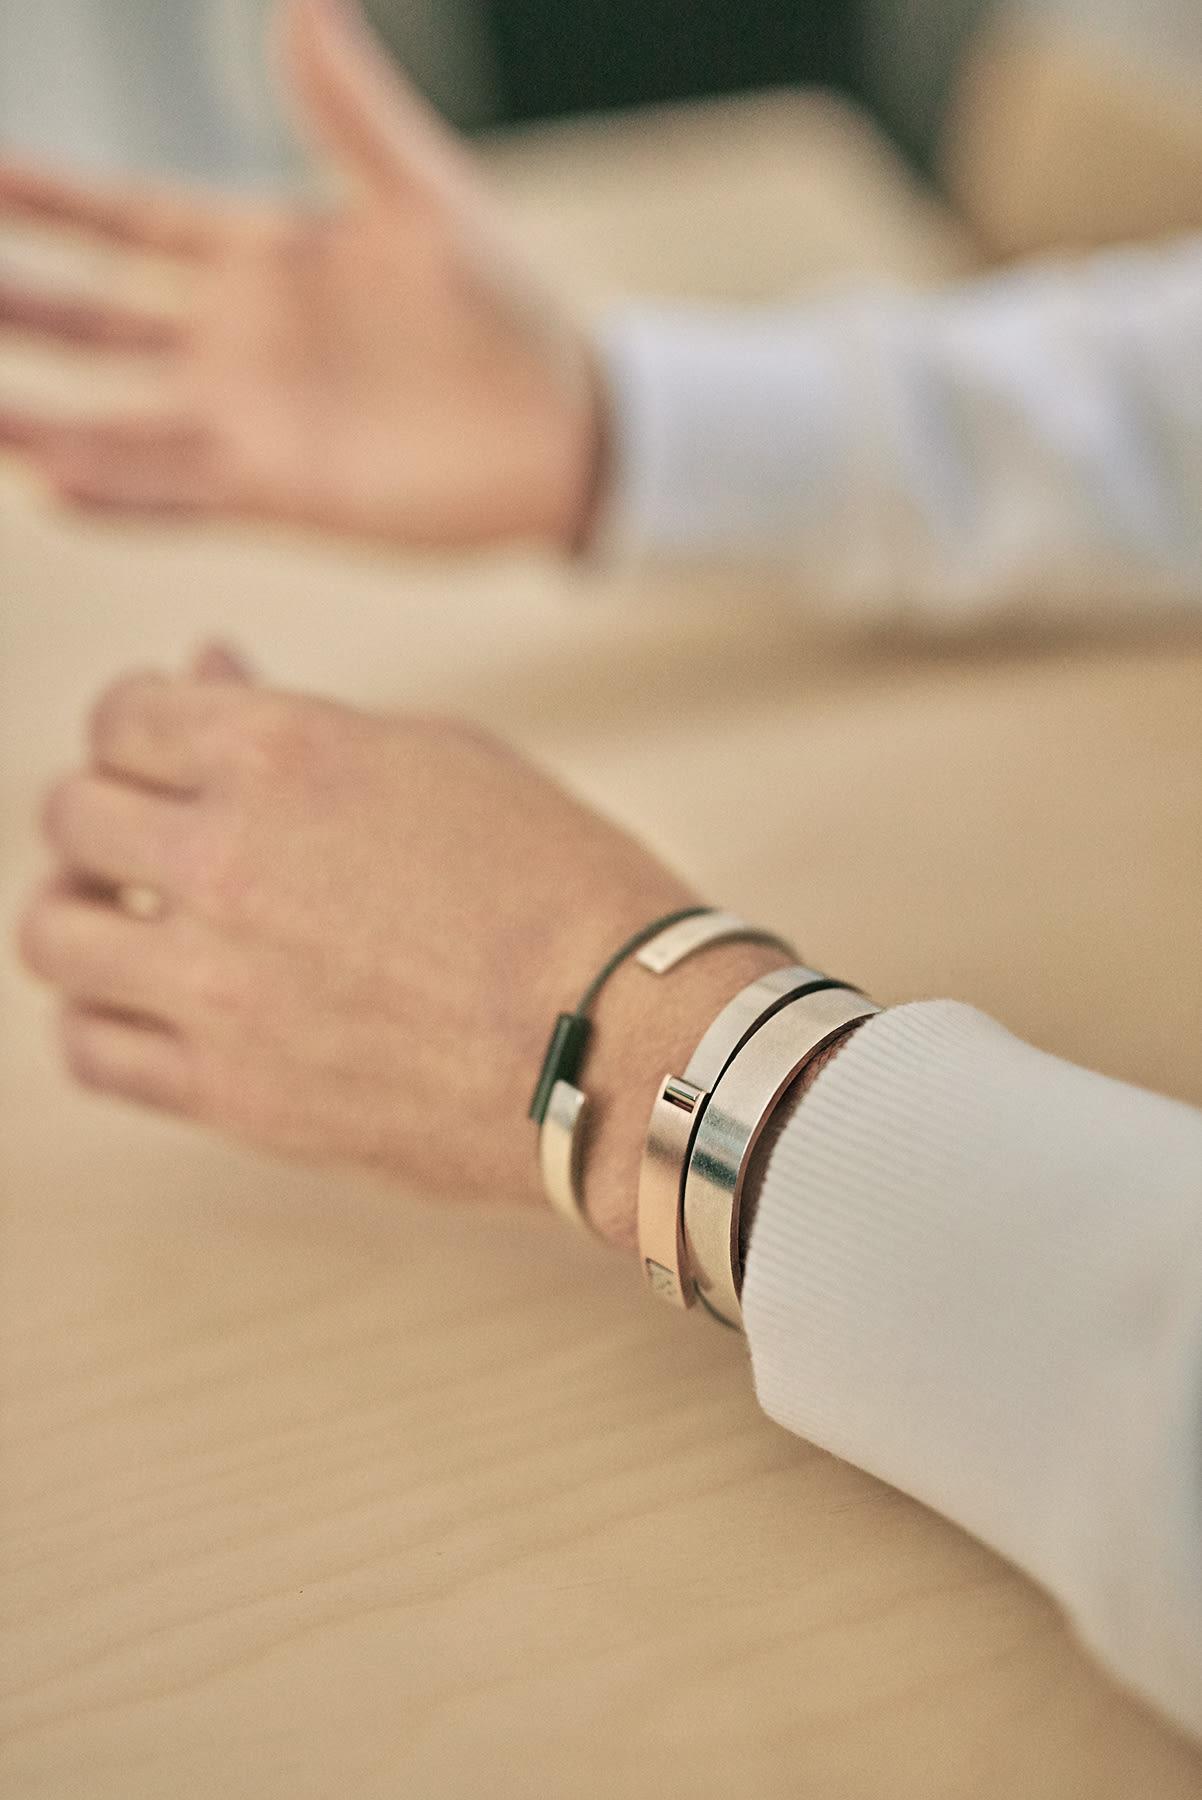 Erwan Le Louër's personal Le Gramme jewellery